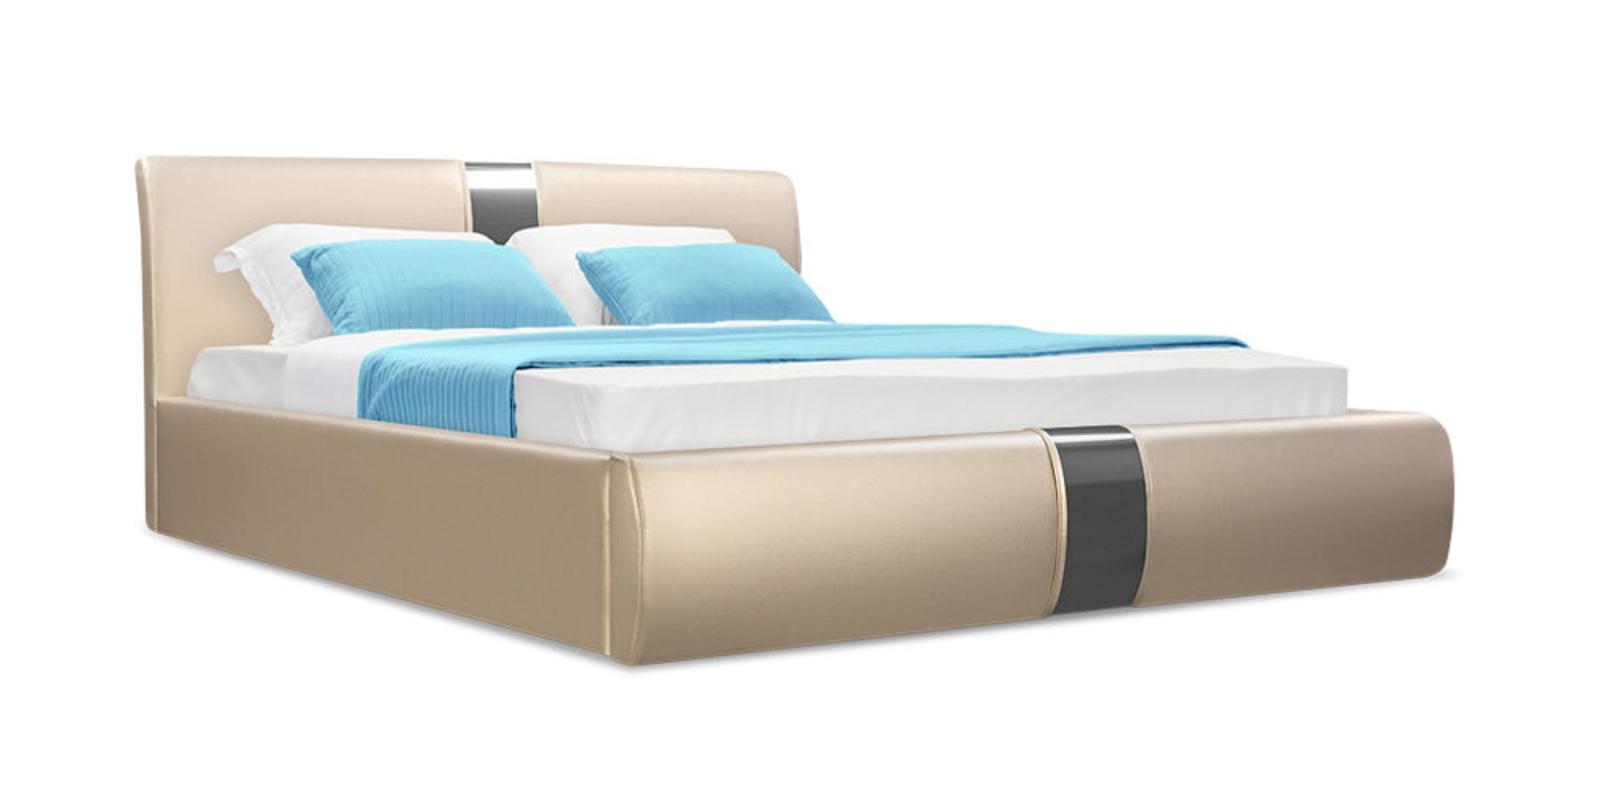 Кровать мягкая Флора c подъемным механизмом (Luxe золото)